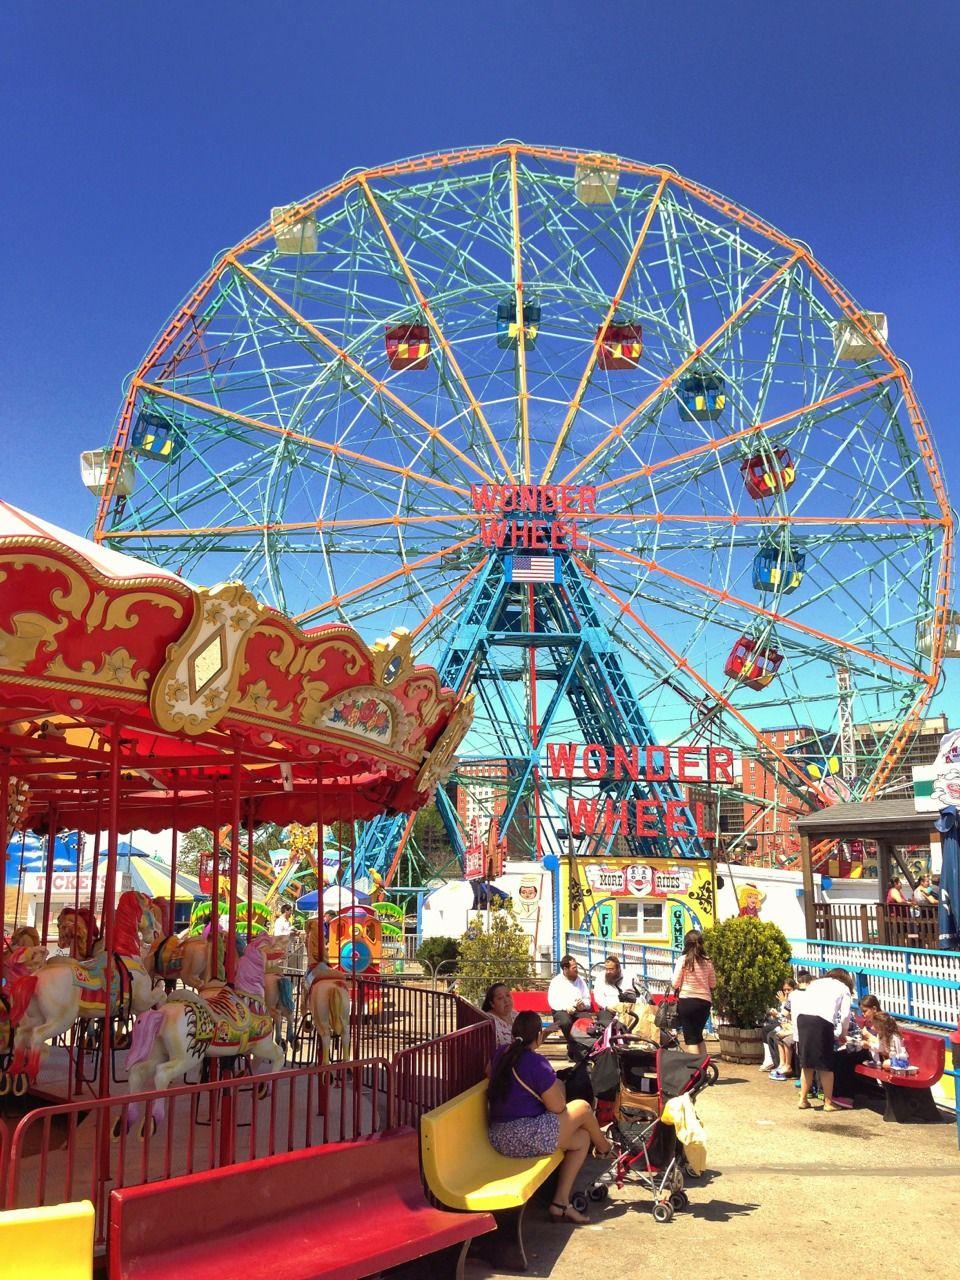 Coney Island, NYC Coney island amusement park, Coney